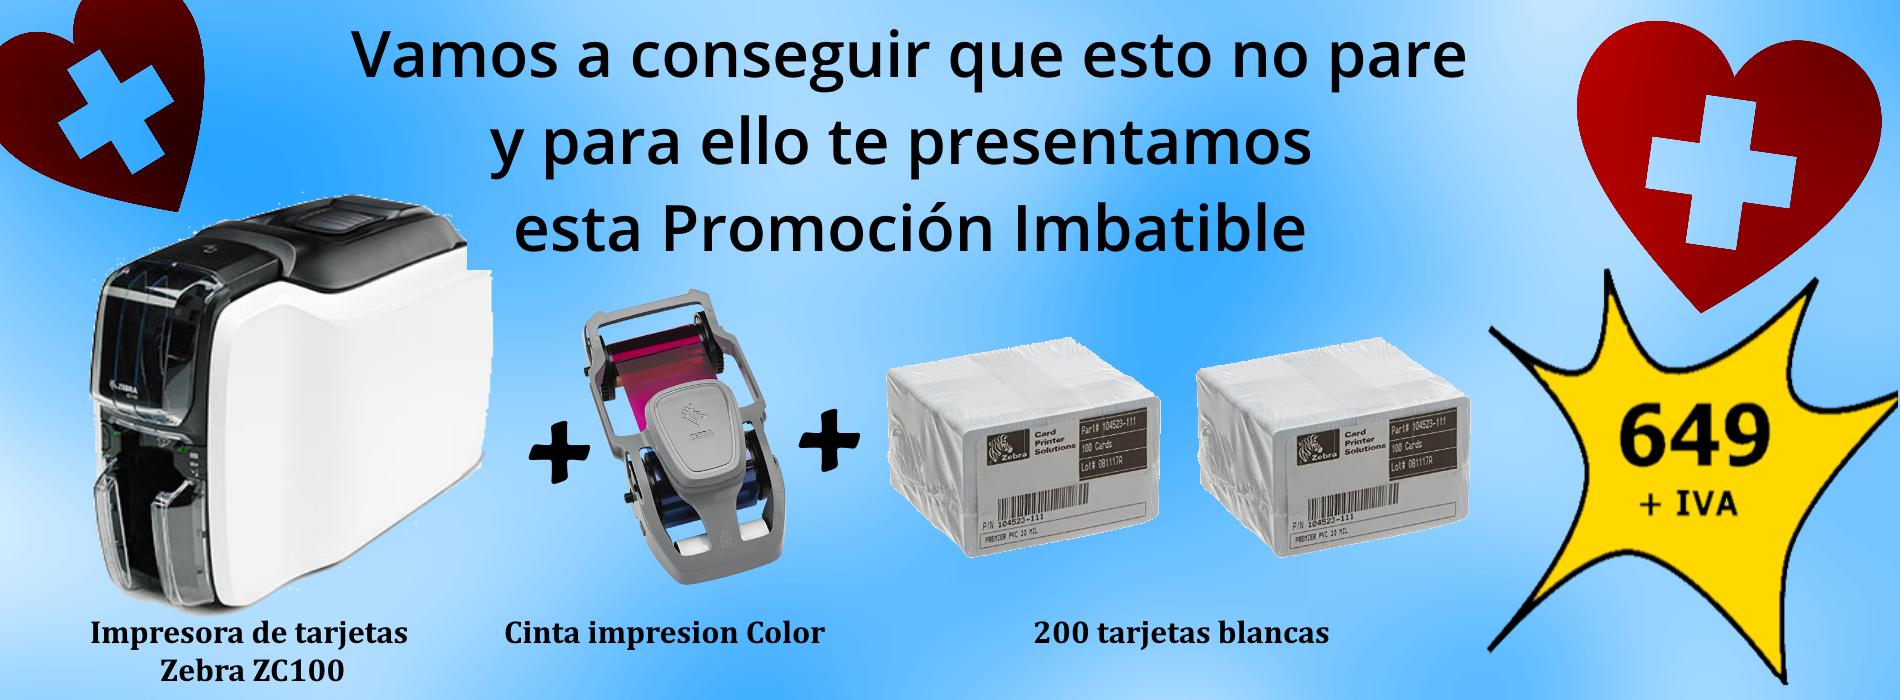 Campaña Covid 19 - Sipcards: La mejor oferta de Impresoras y tarjetas PVC